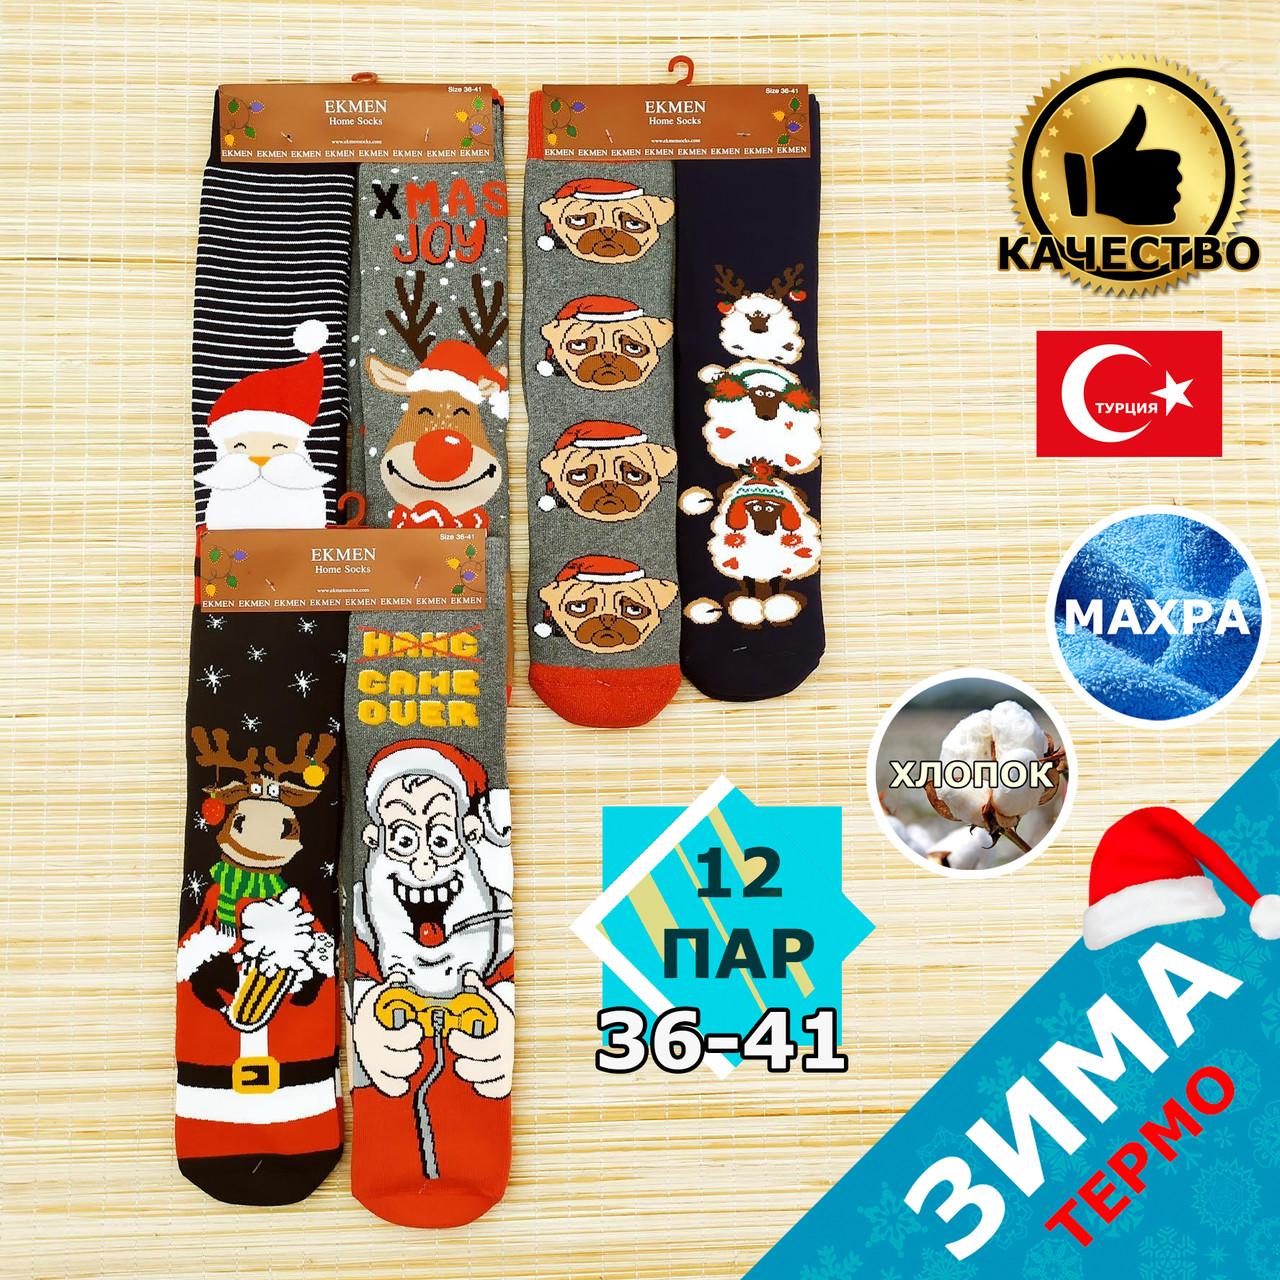 Новогодние носки женские внутри махра EKMEN 1321 Турция 36-41 размер ассорти 20039882